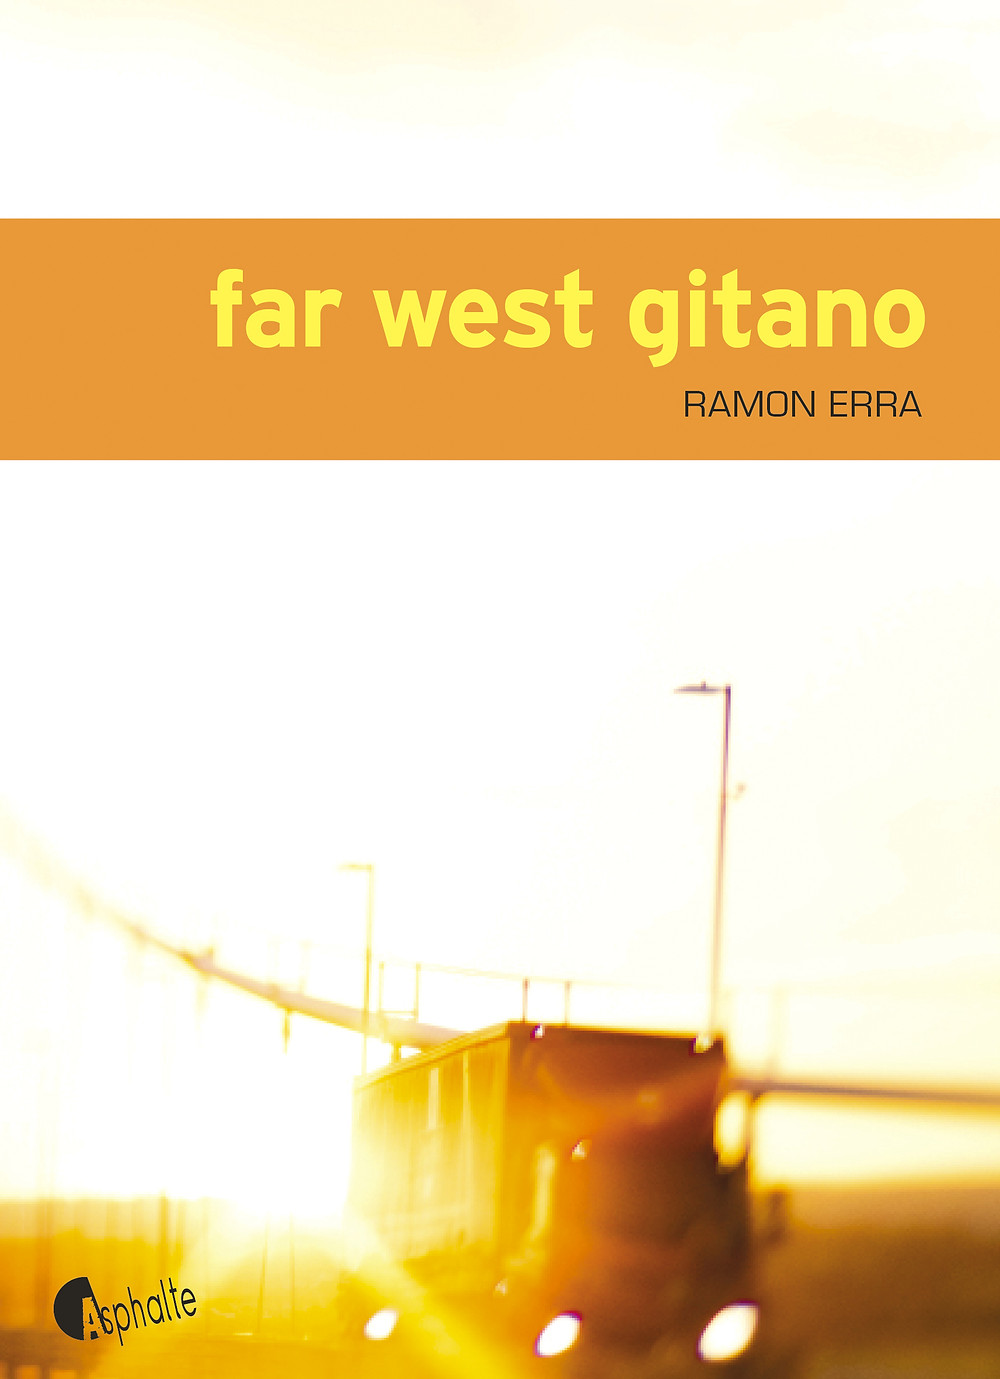 Nuit de la littérature - Ramon Erra